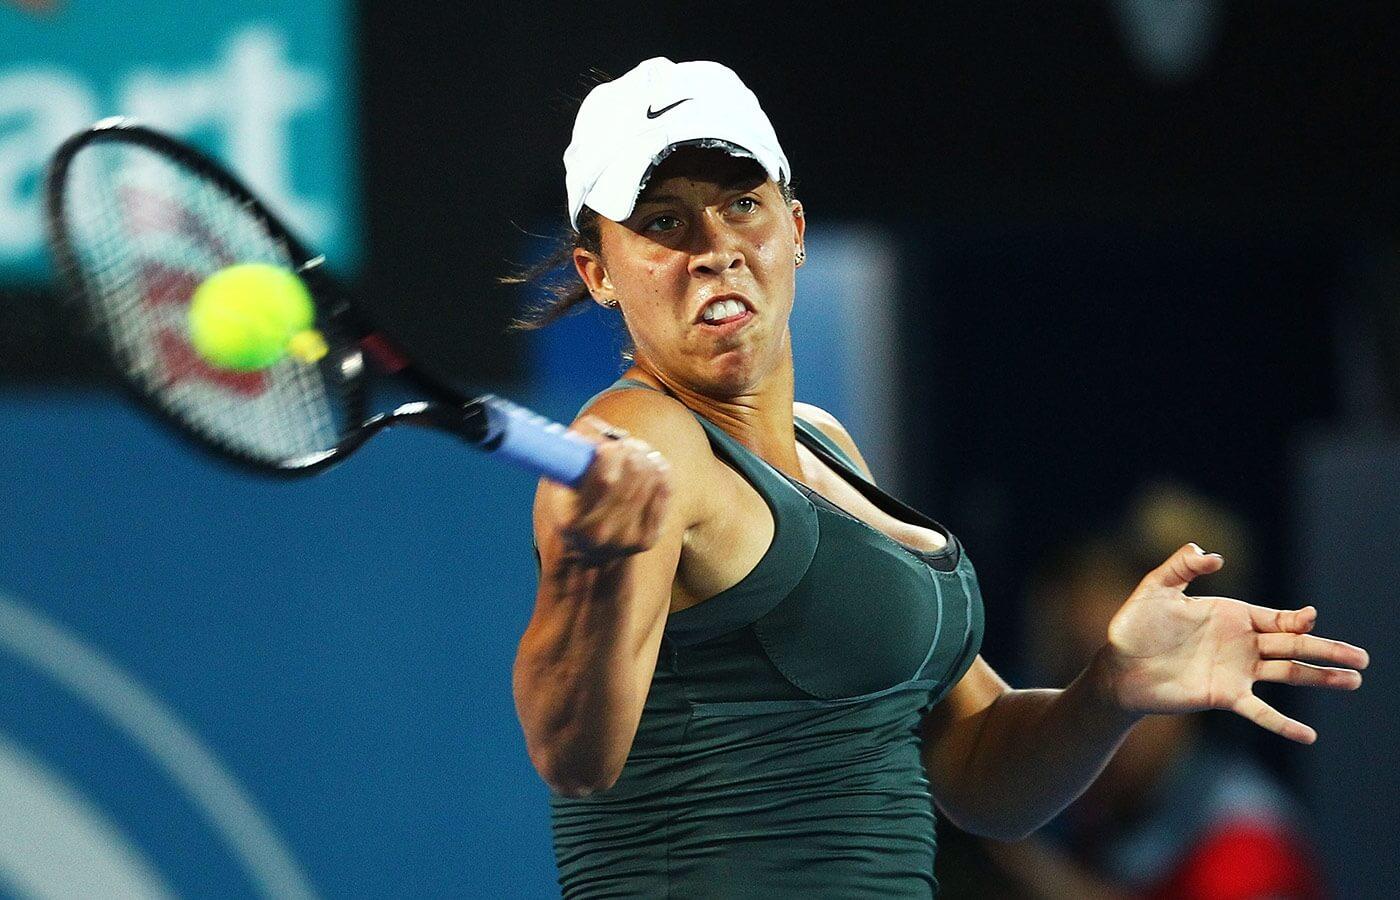 Ставки на матч Сабаленко – Линетт. Прогноз на теннис в Тянцзинь 10 Октября 2018